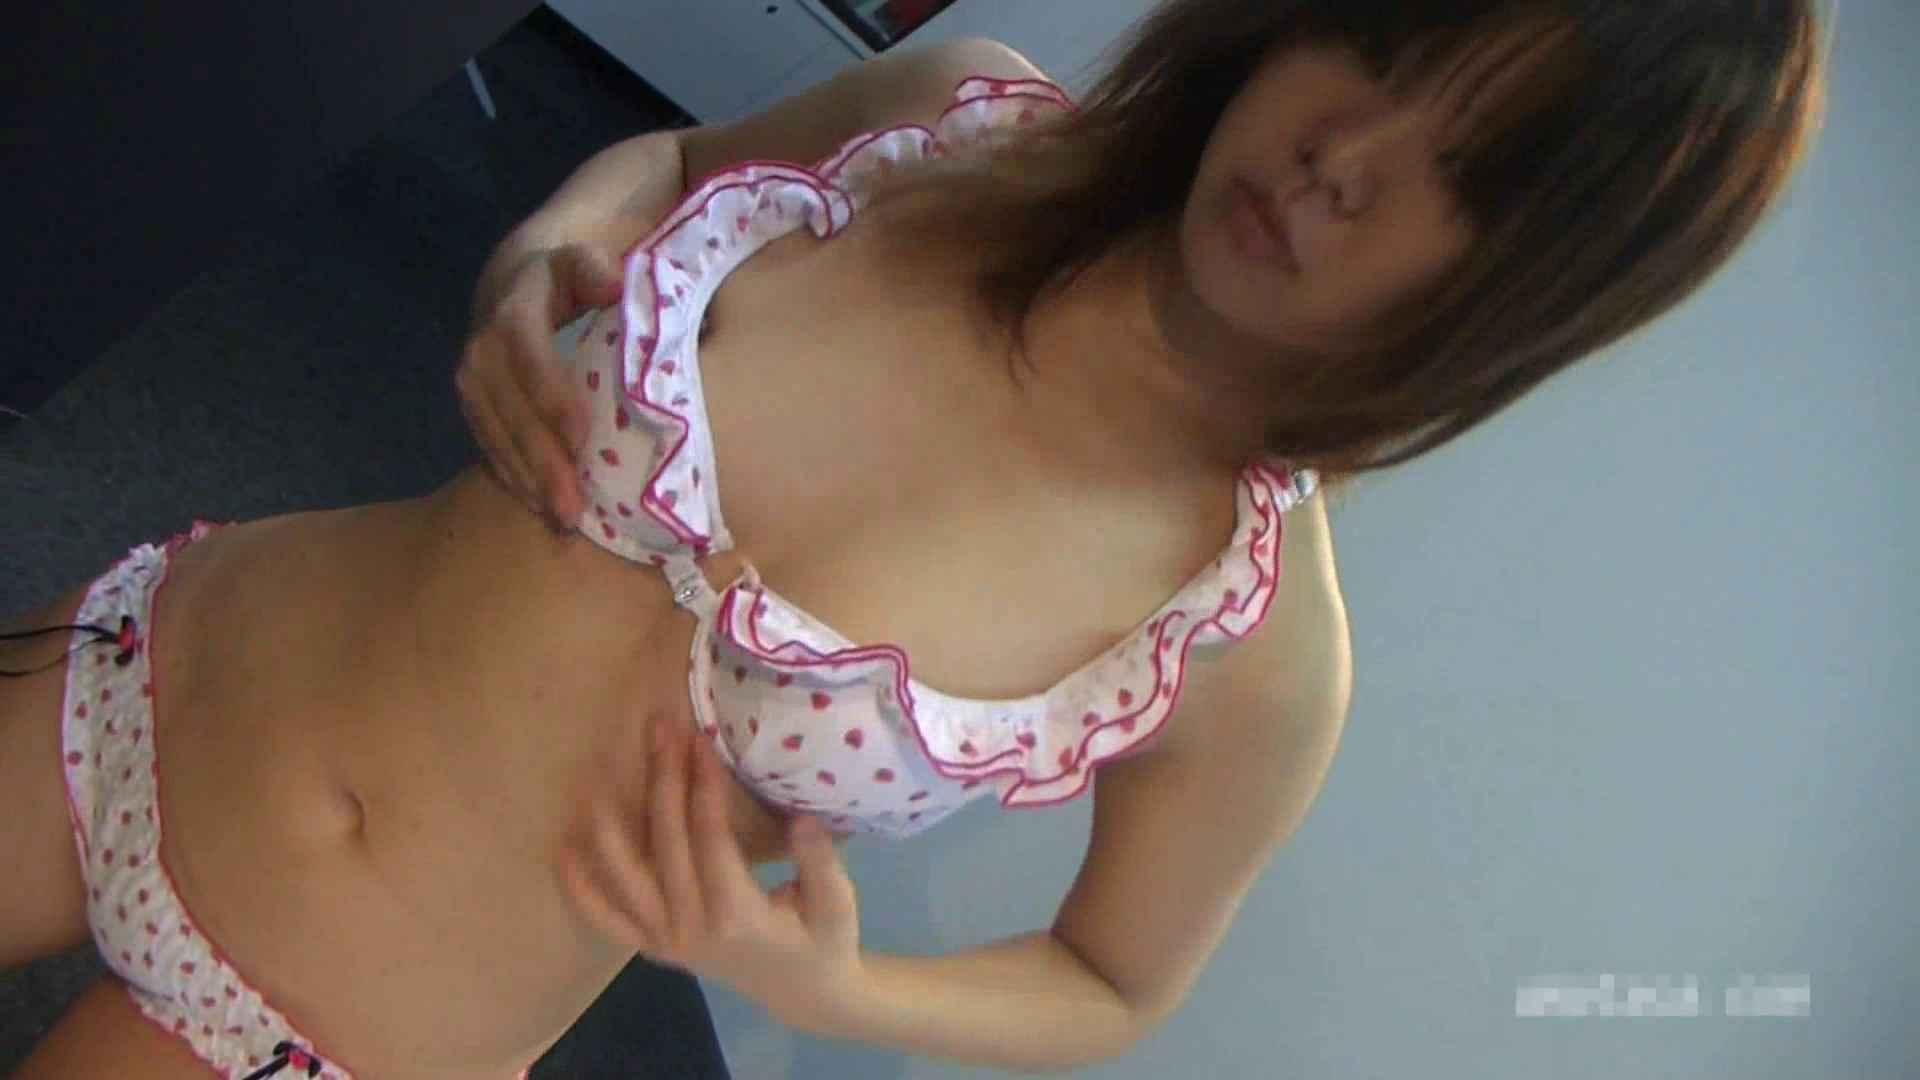 素人嬢のゆうこちゃん26歳の激オナ オナニー集 おめこ無修正動画無料 85pic 25